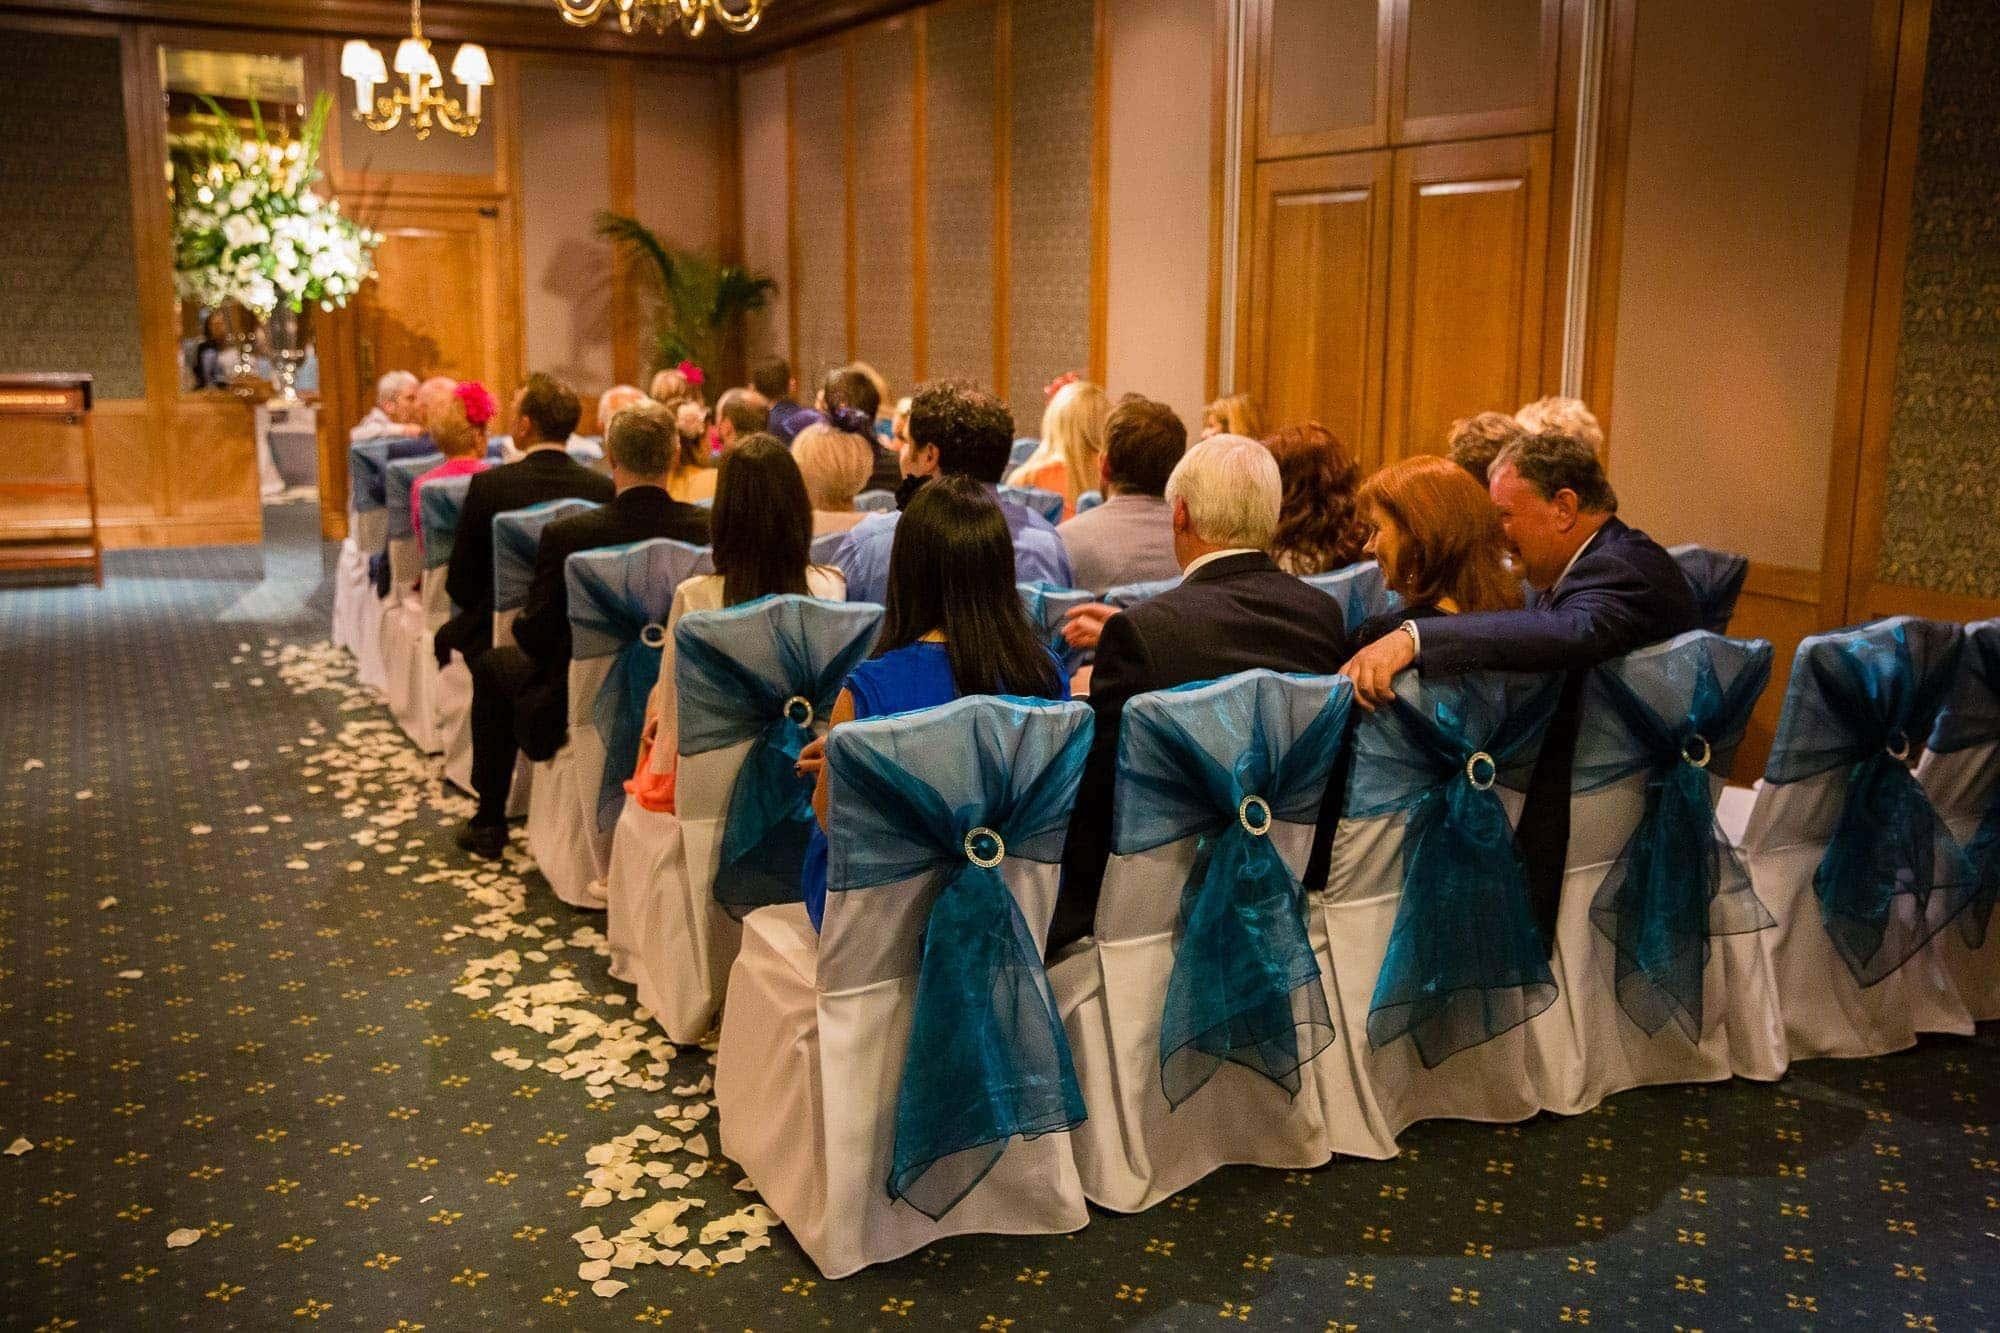 Wentworth Club Wedding 16 3410